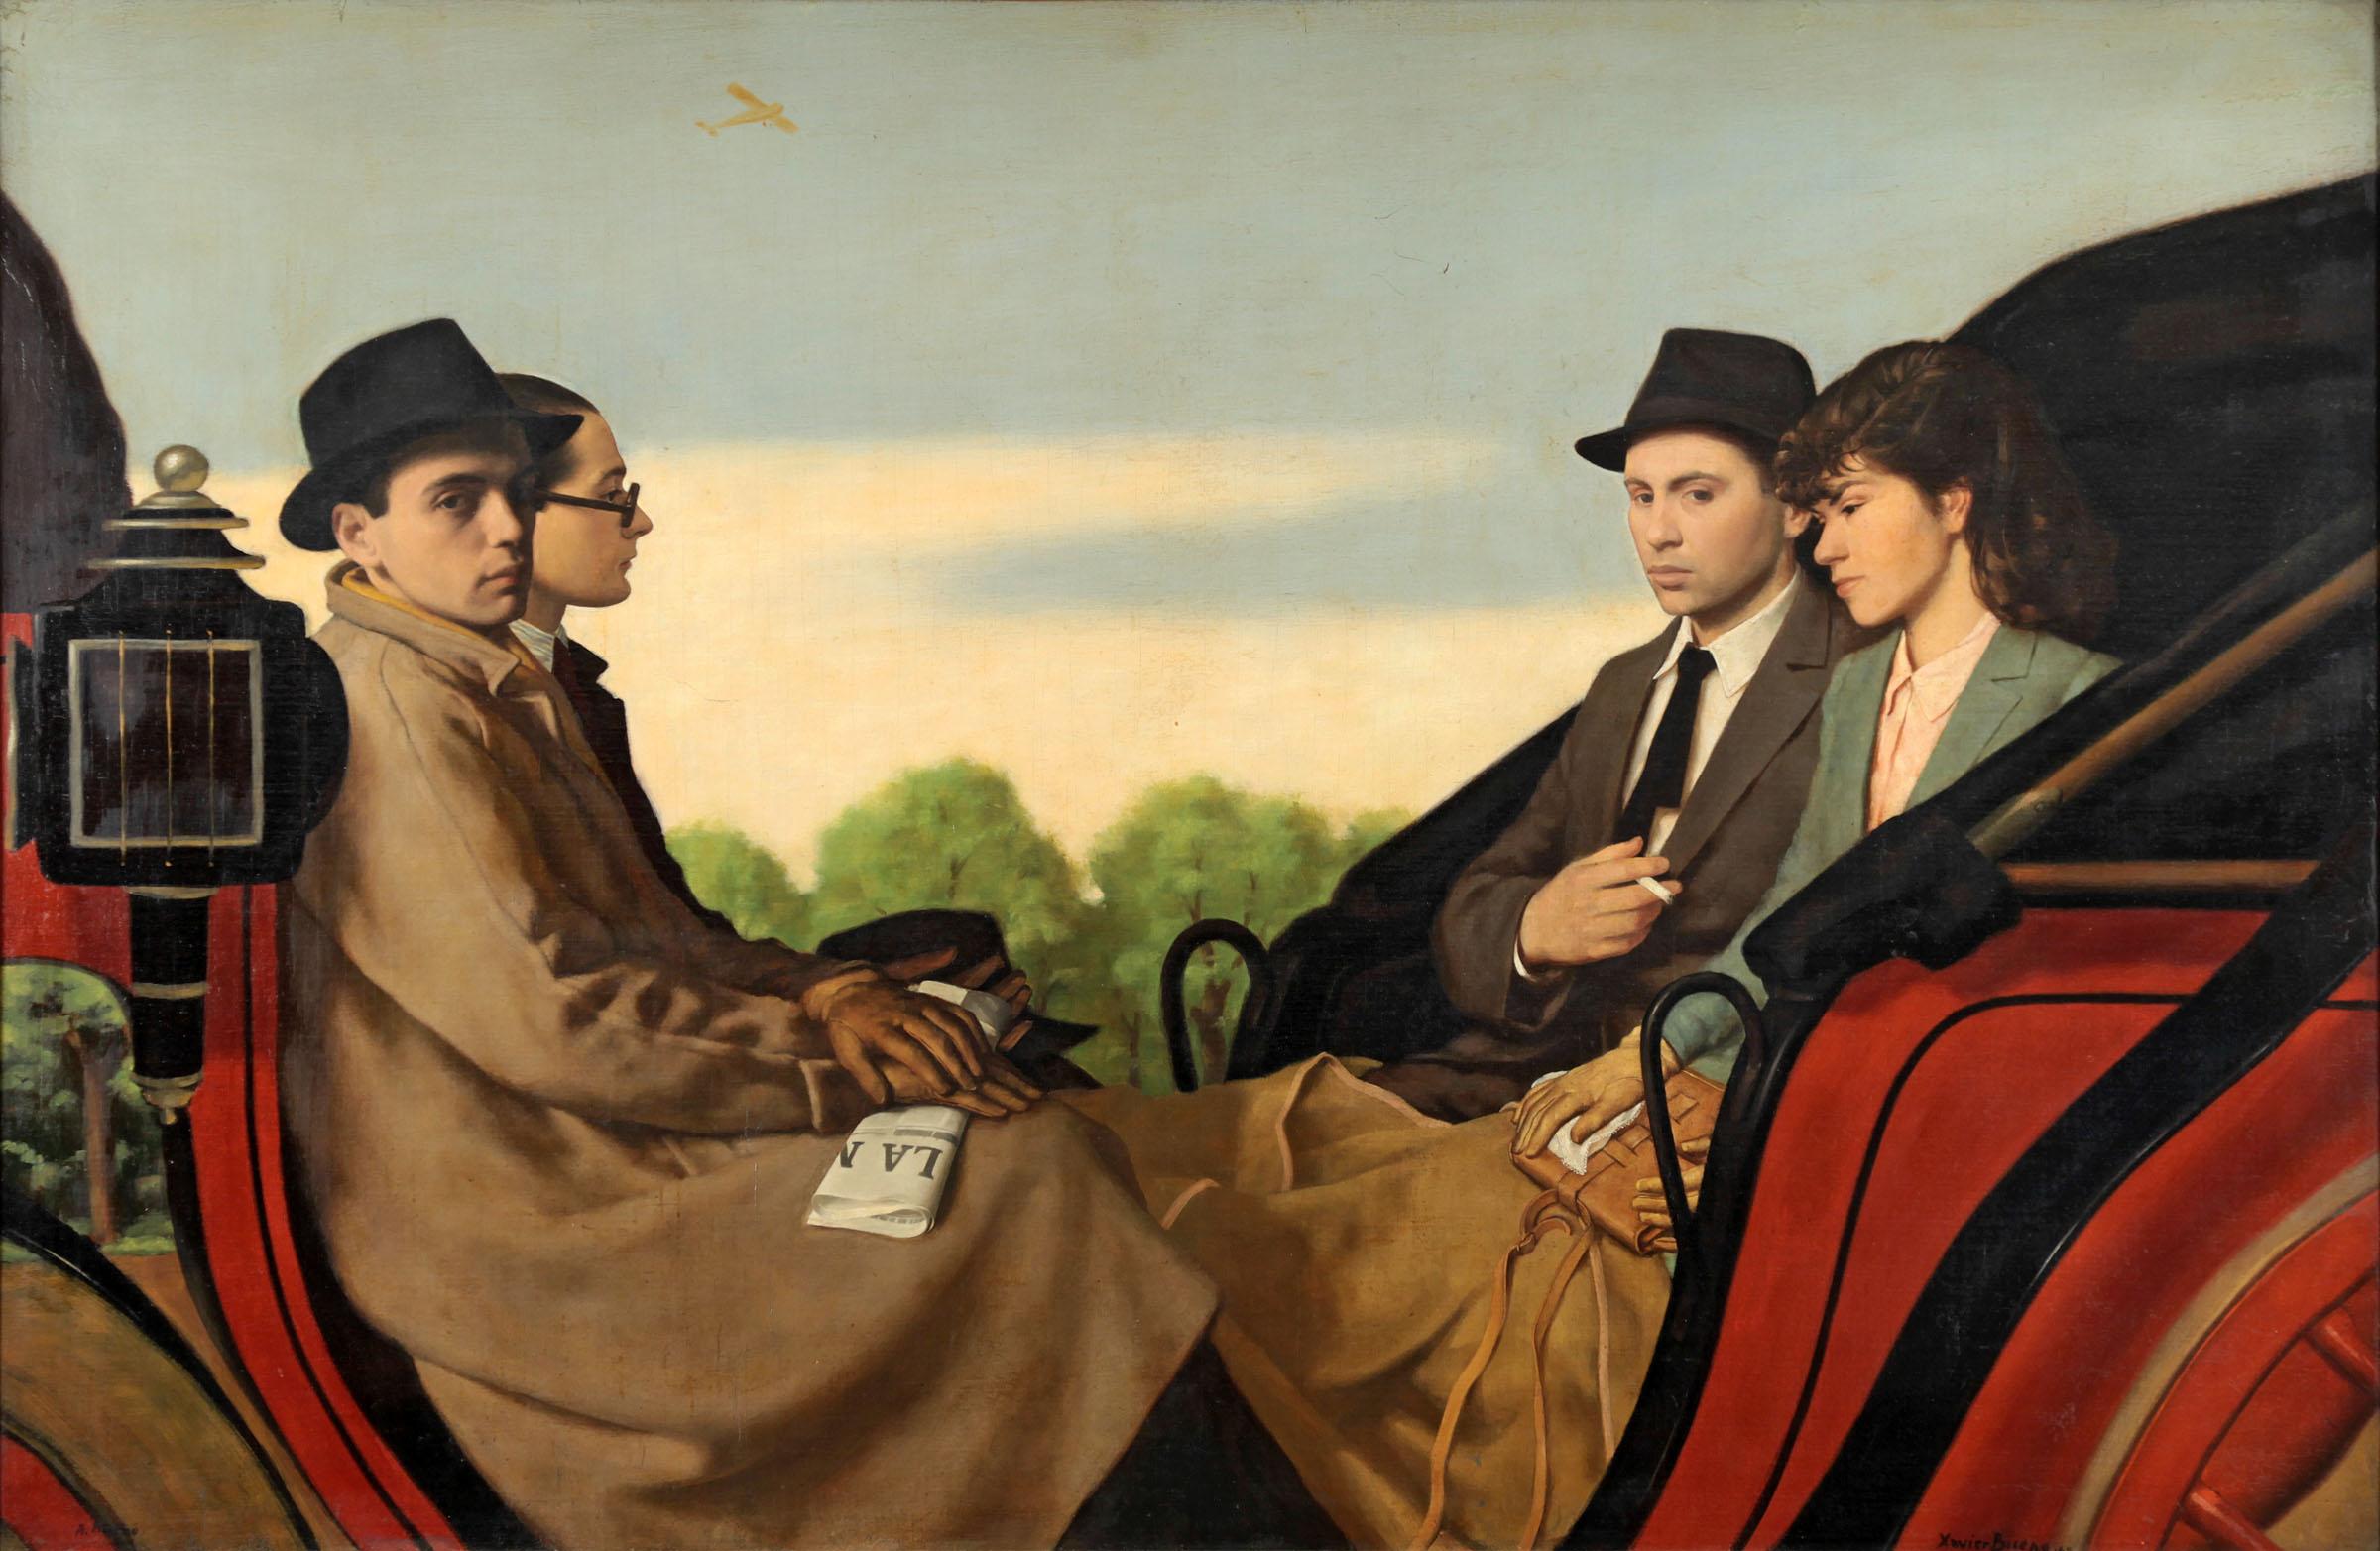 antonio-e-xavier-bueno- writer Julia Chamorel La carrozza, ovvero passeggiata alle cascine, 1942 Monza, collezione privata